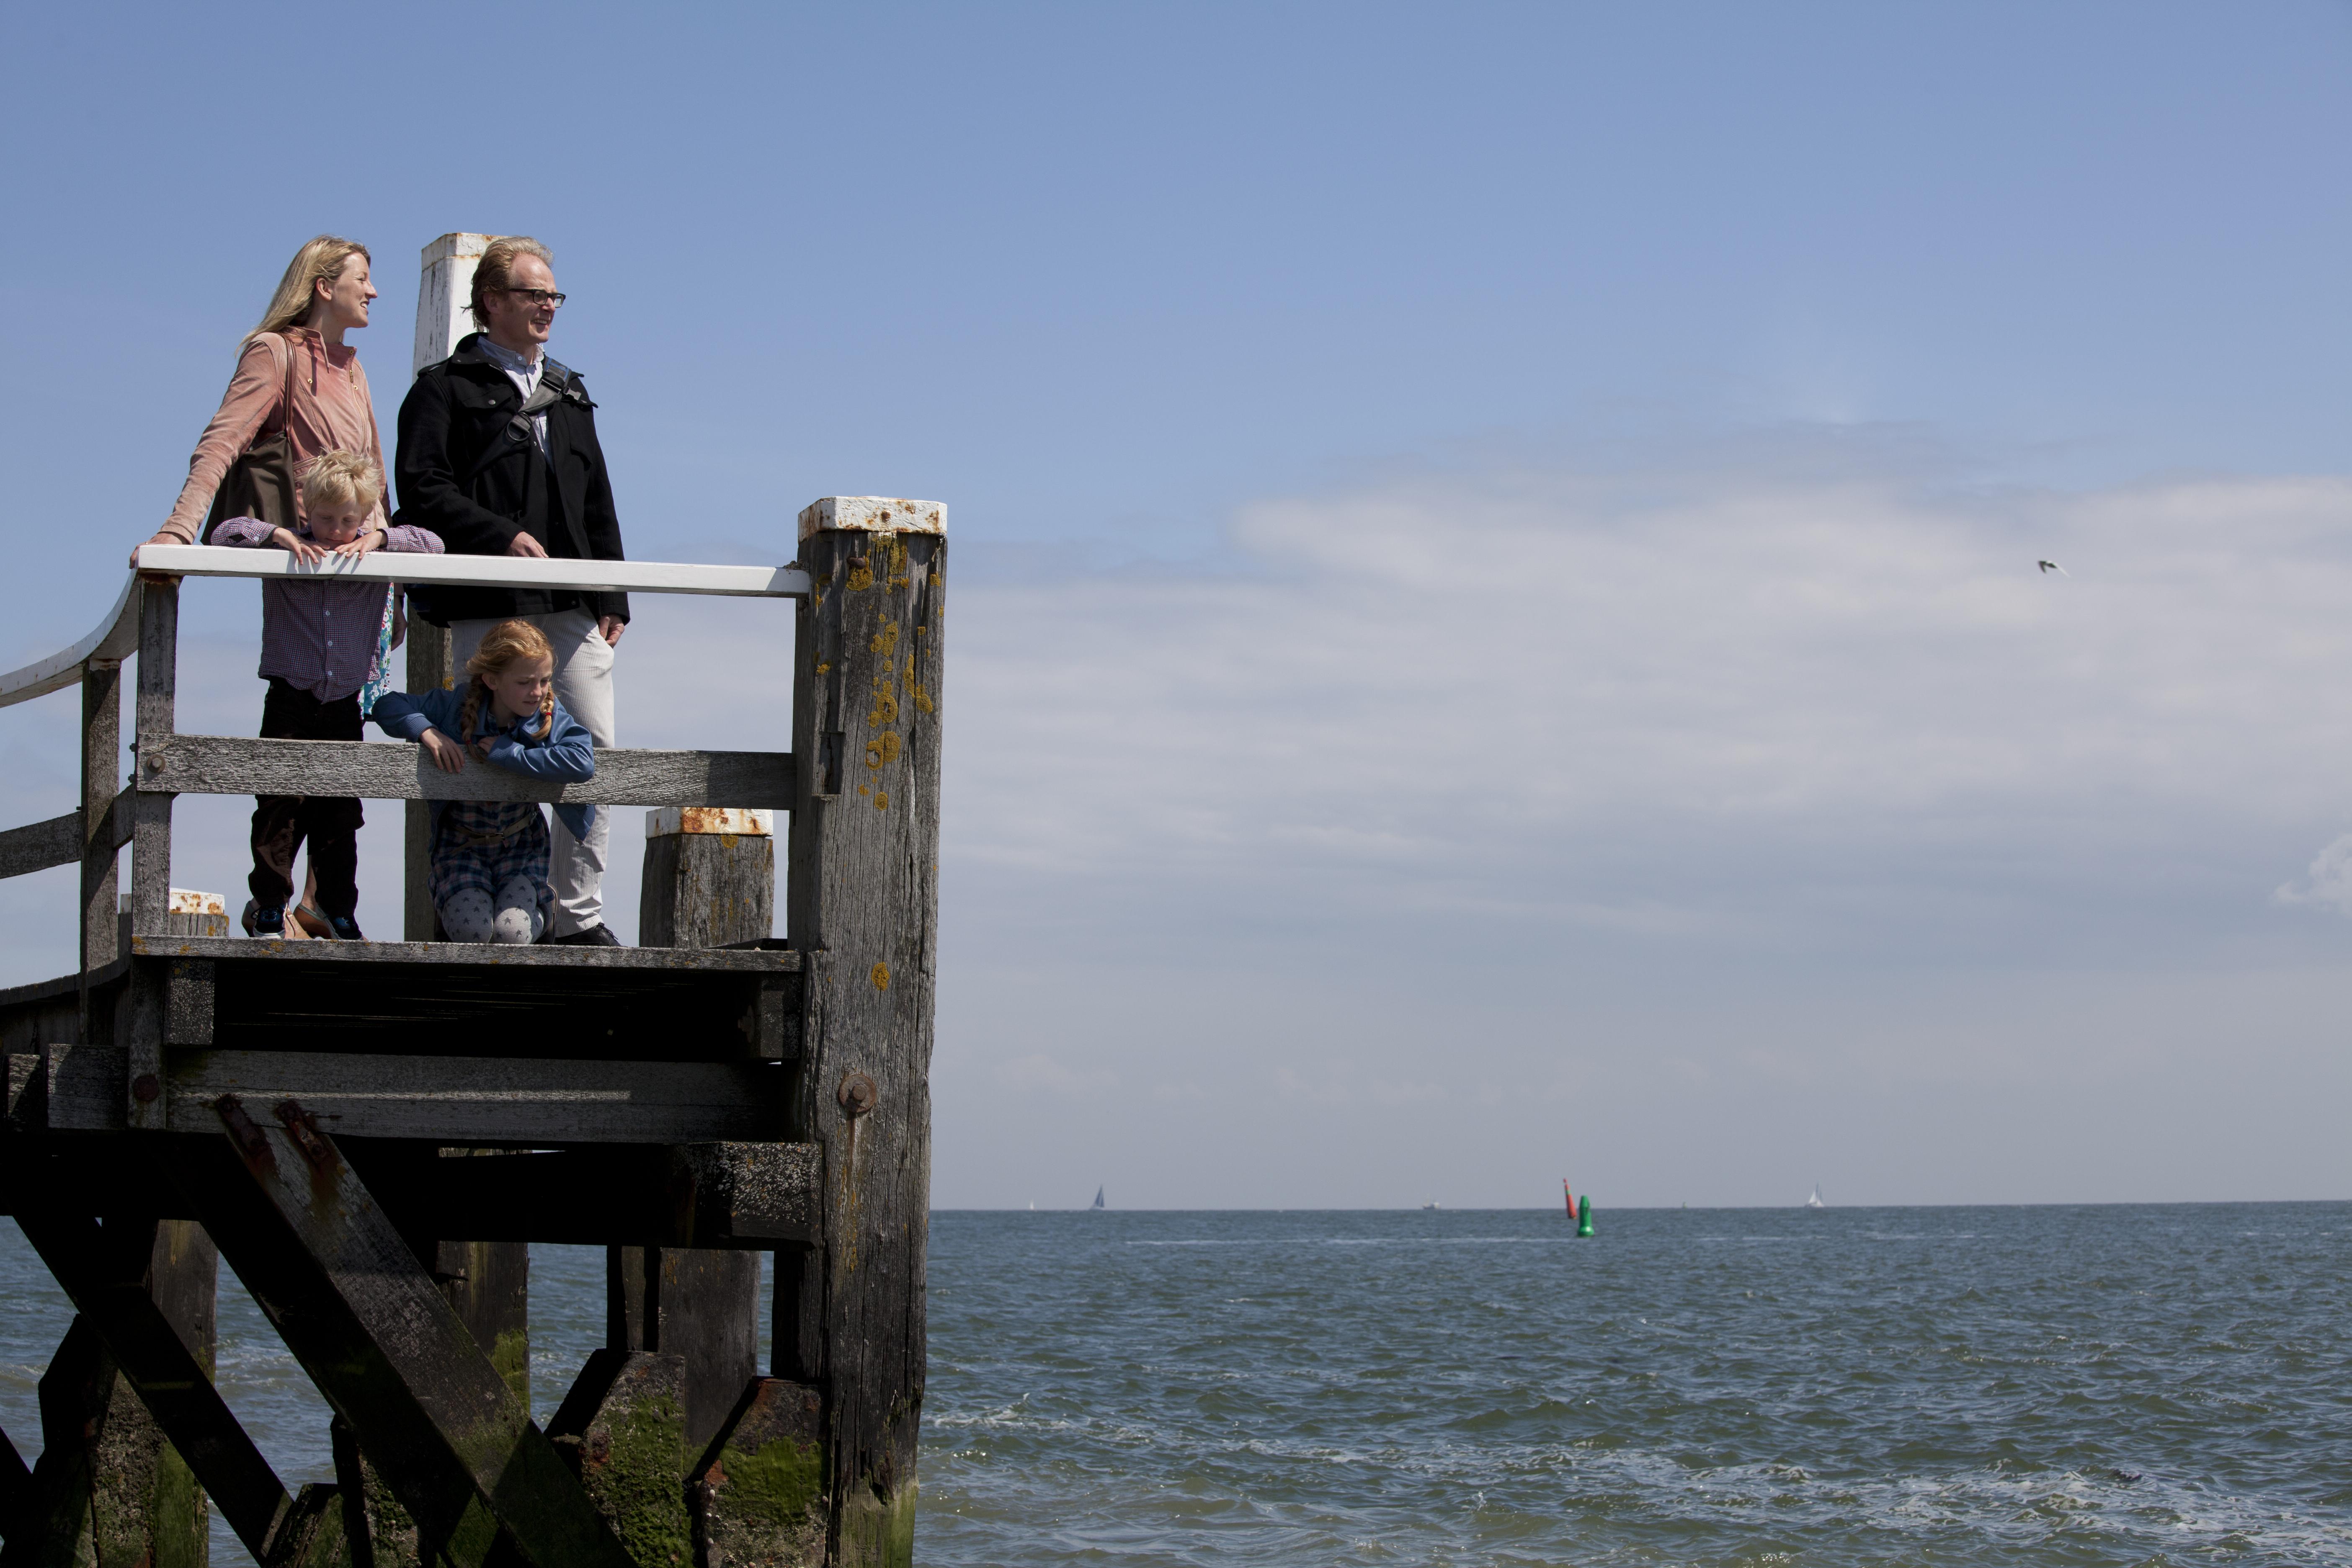 Gezin op de steiger bij de haven van Oudeschild VVV Texel fotograaf Tessa Jol